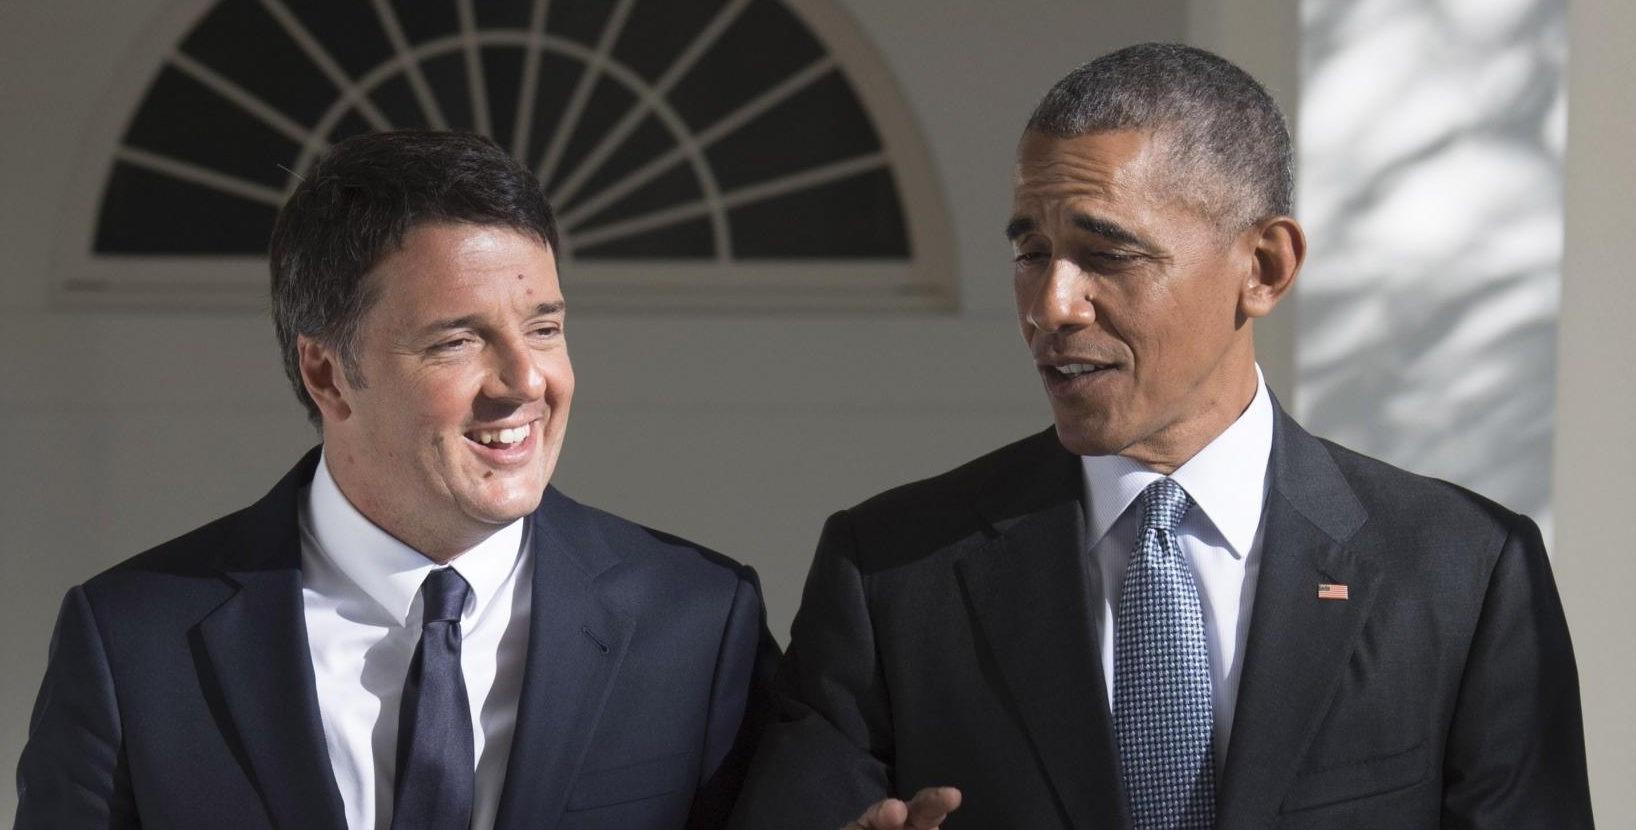 Spygate, una guerra nei servizi segreti (e c'entrano pure Renzi e Obama)